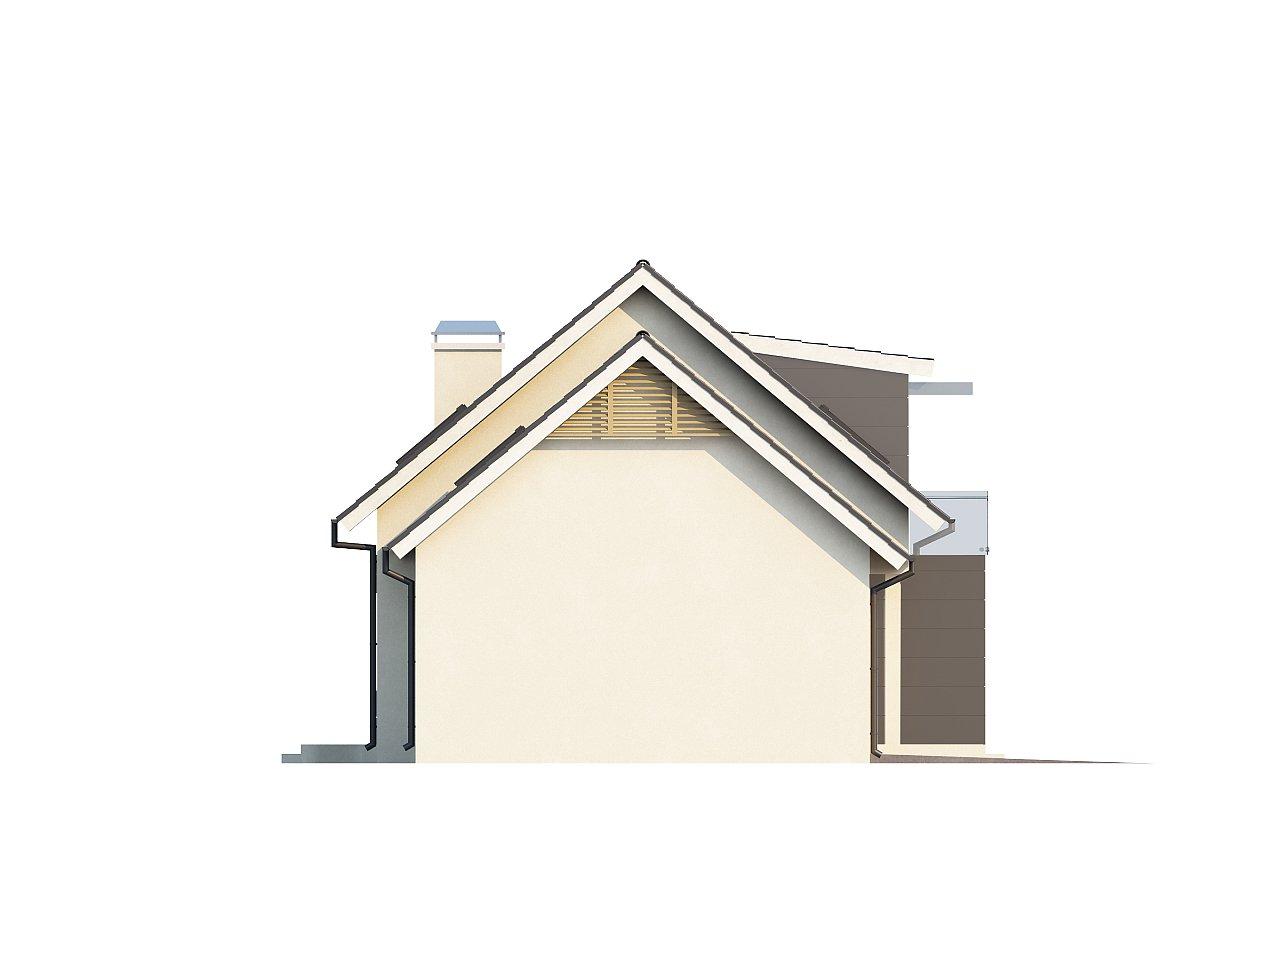 Проект дома с гаражом, с возможностью его использования в качестве двухсемейного. 5